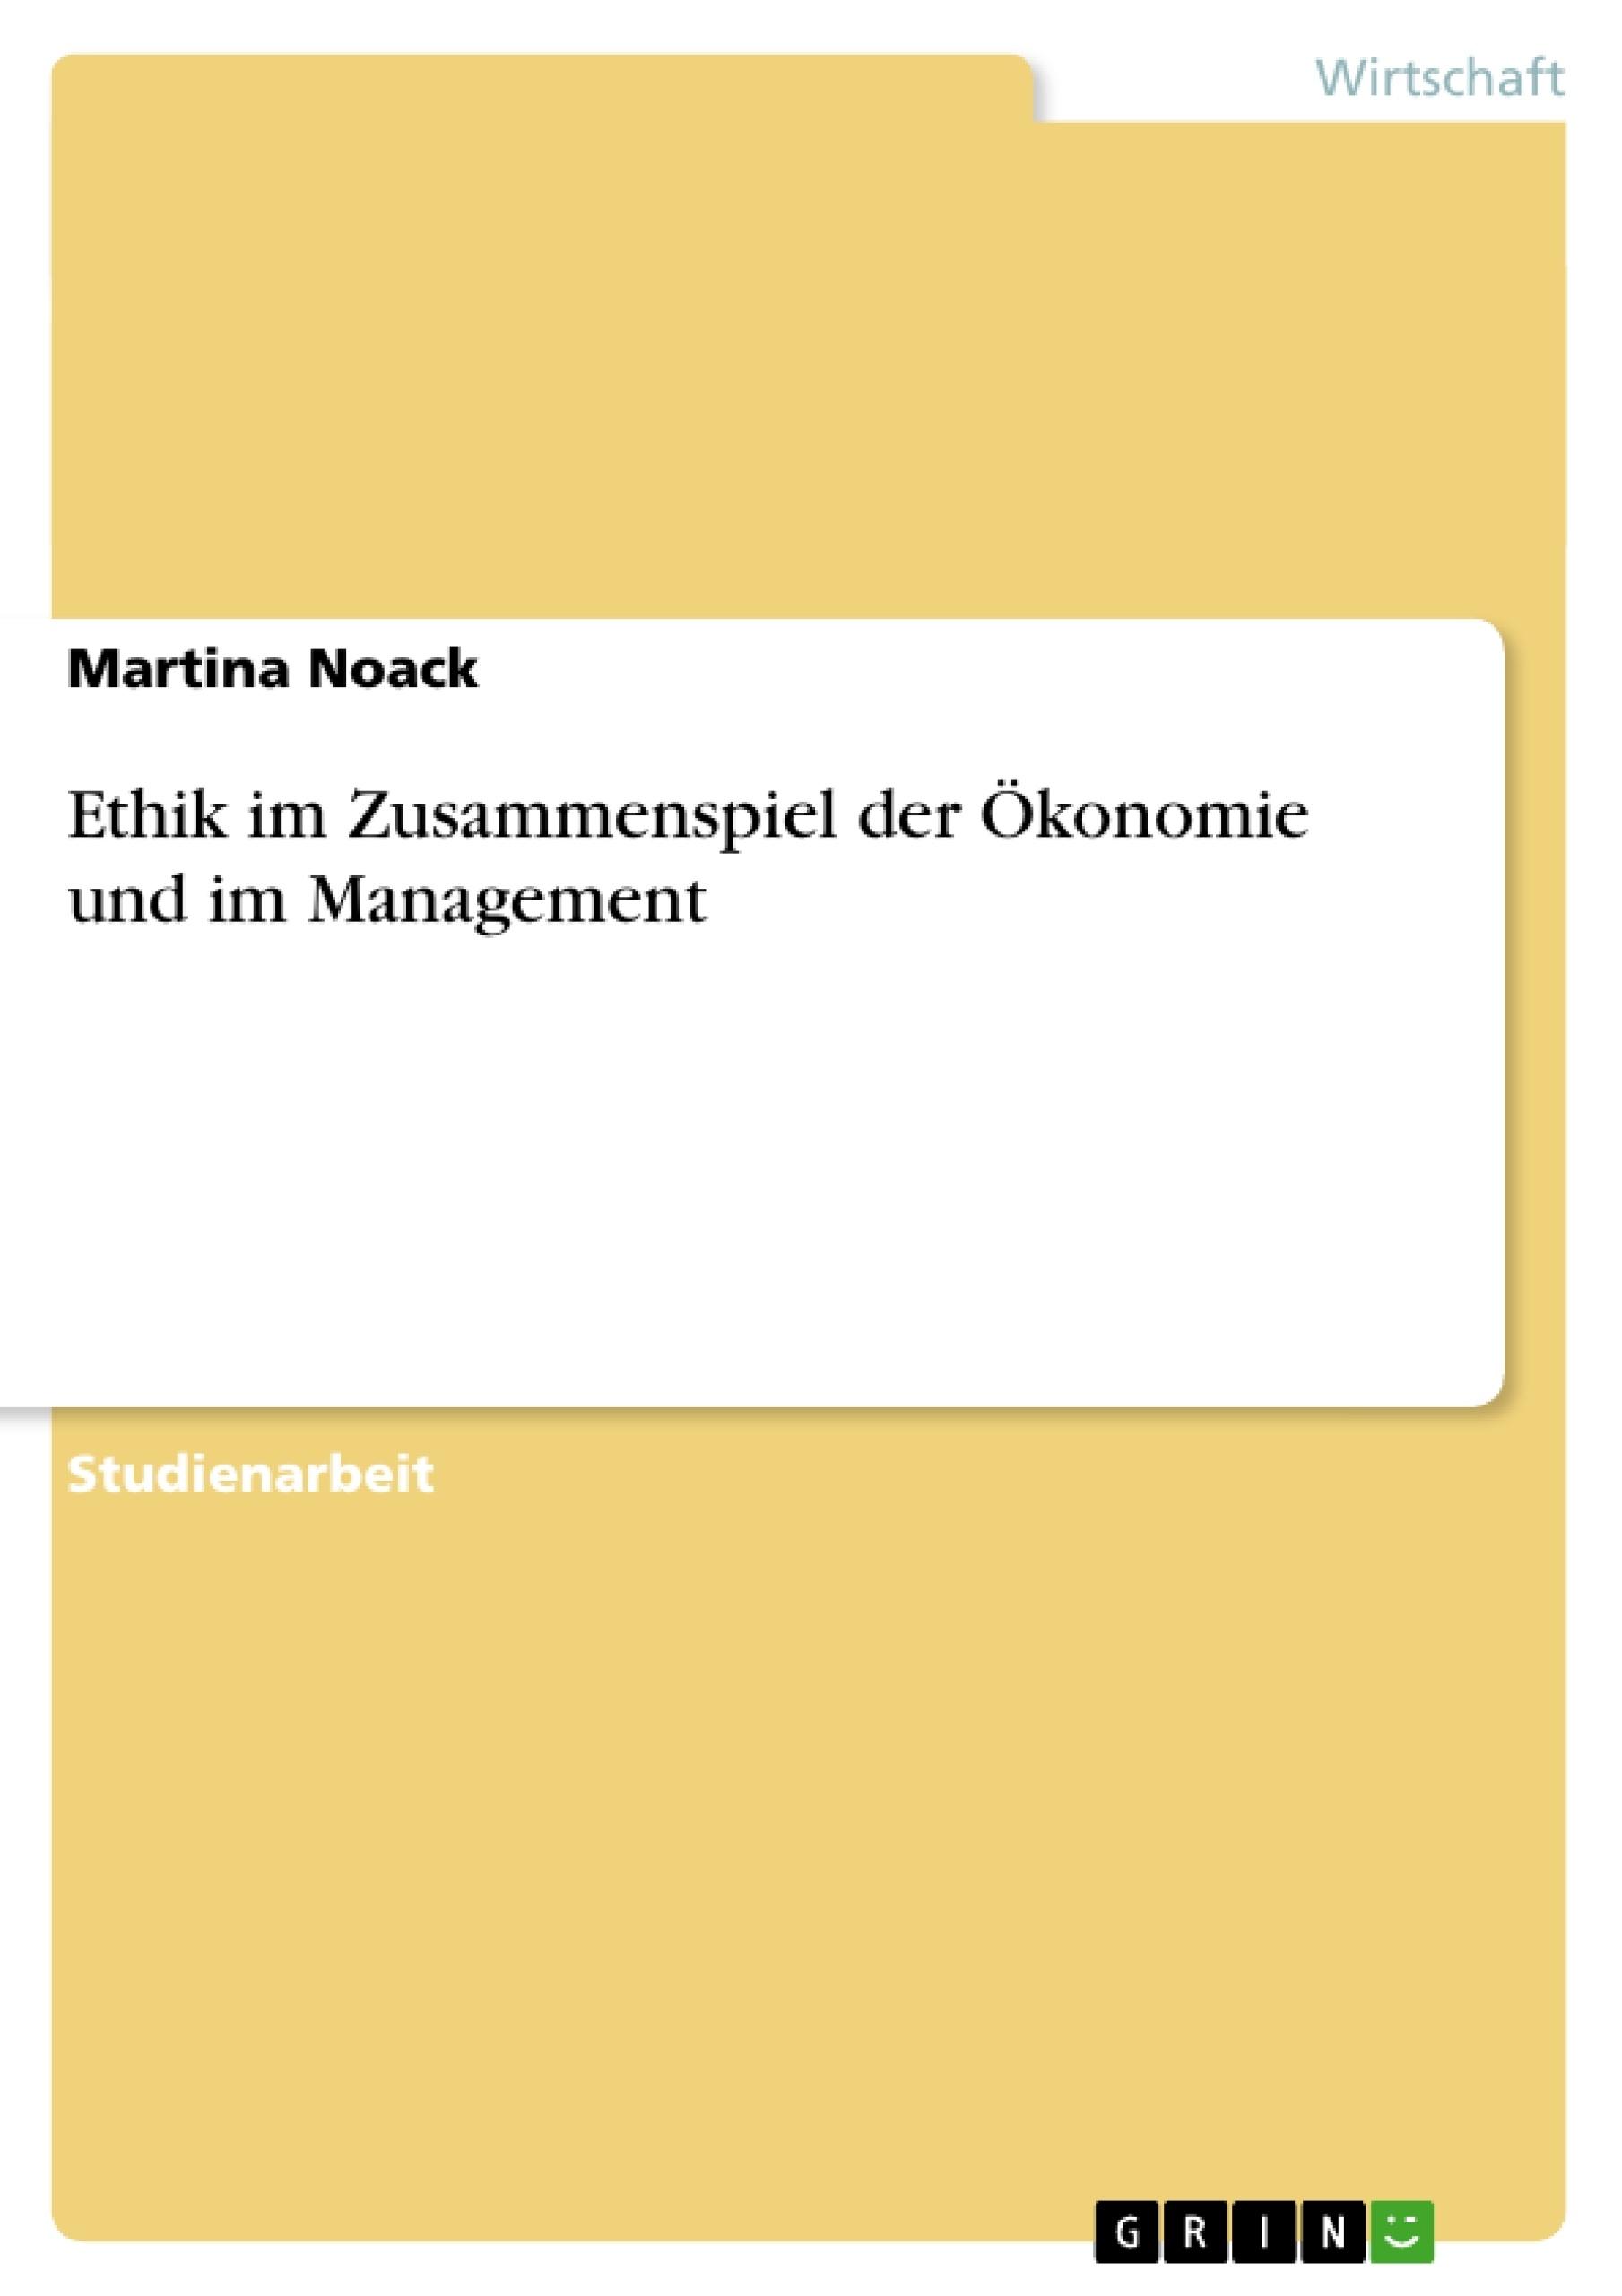 Titel: Ethik im Zusammenspiel der Ökonomie und im Management